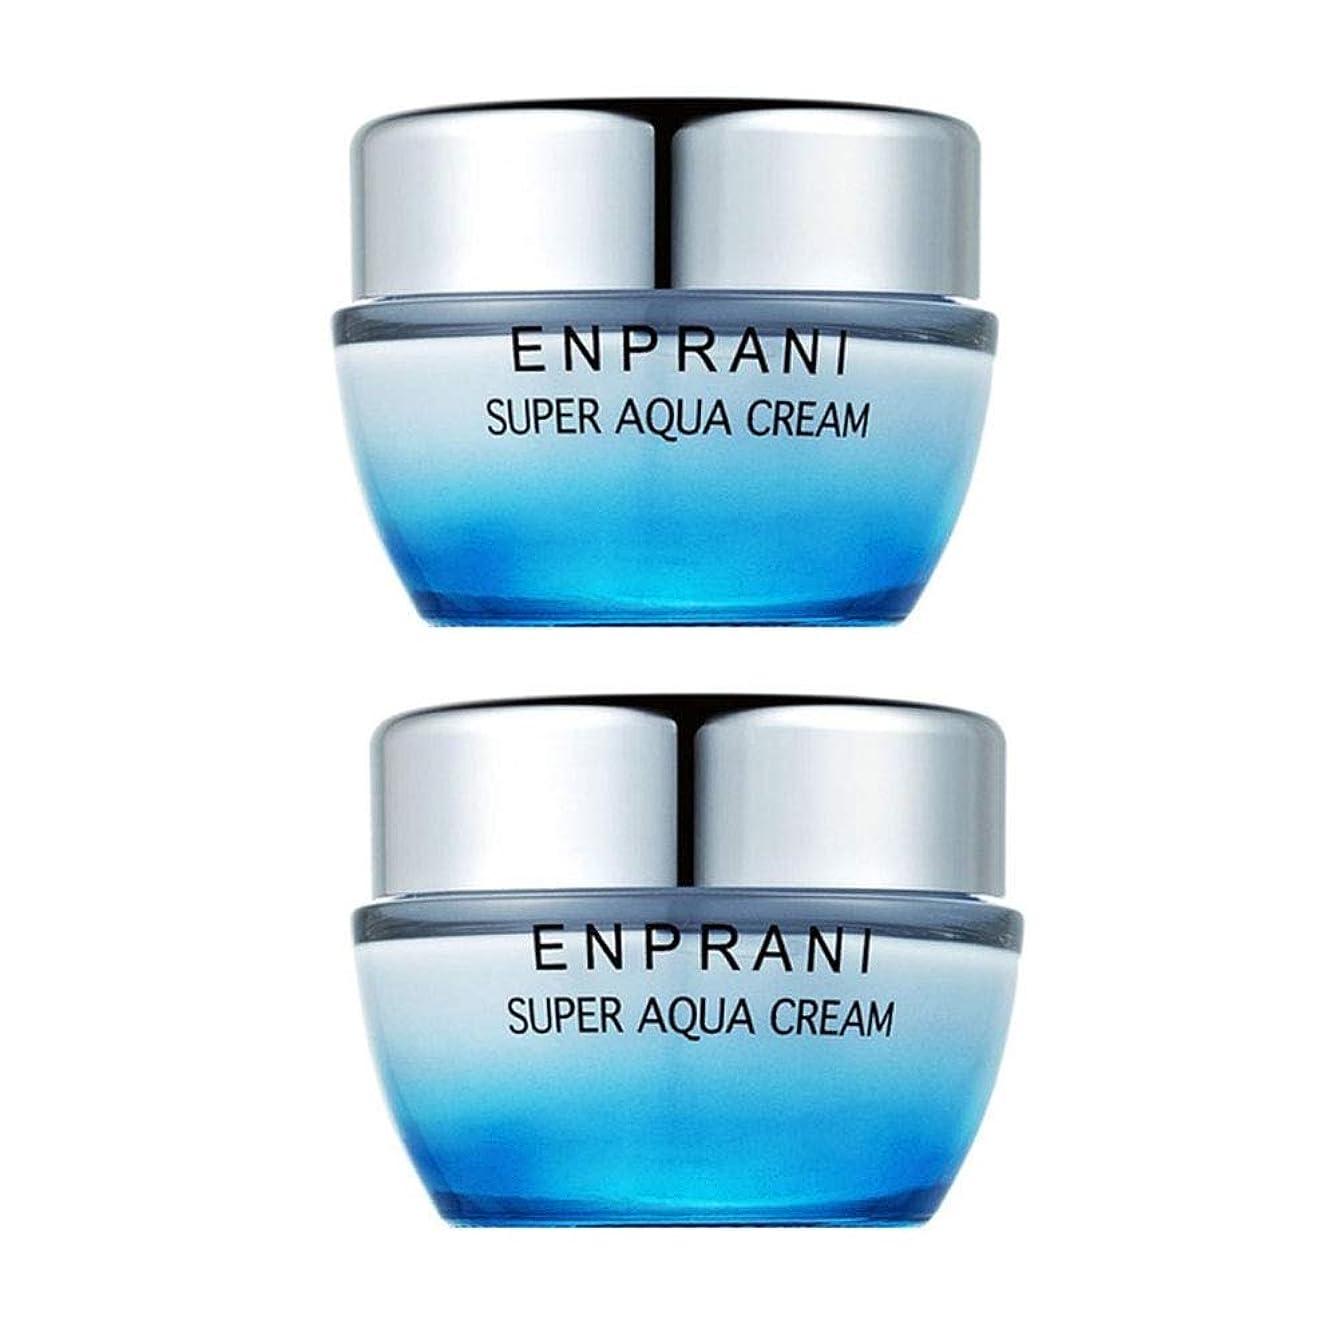 不機嫌立ち向かう思春期のエンプラニスーパーアクアクリーム50ml x 2本セット、Enprani Super Aqua Cream 50ml x 2ea Set [並行輸入品]